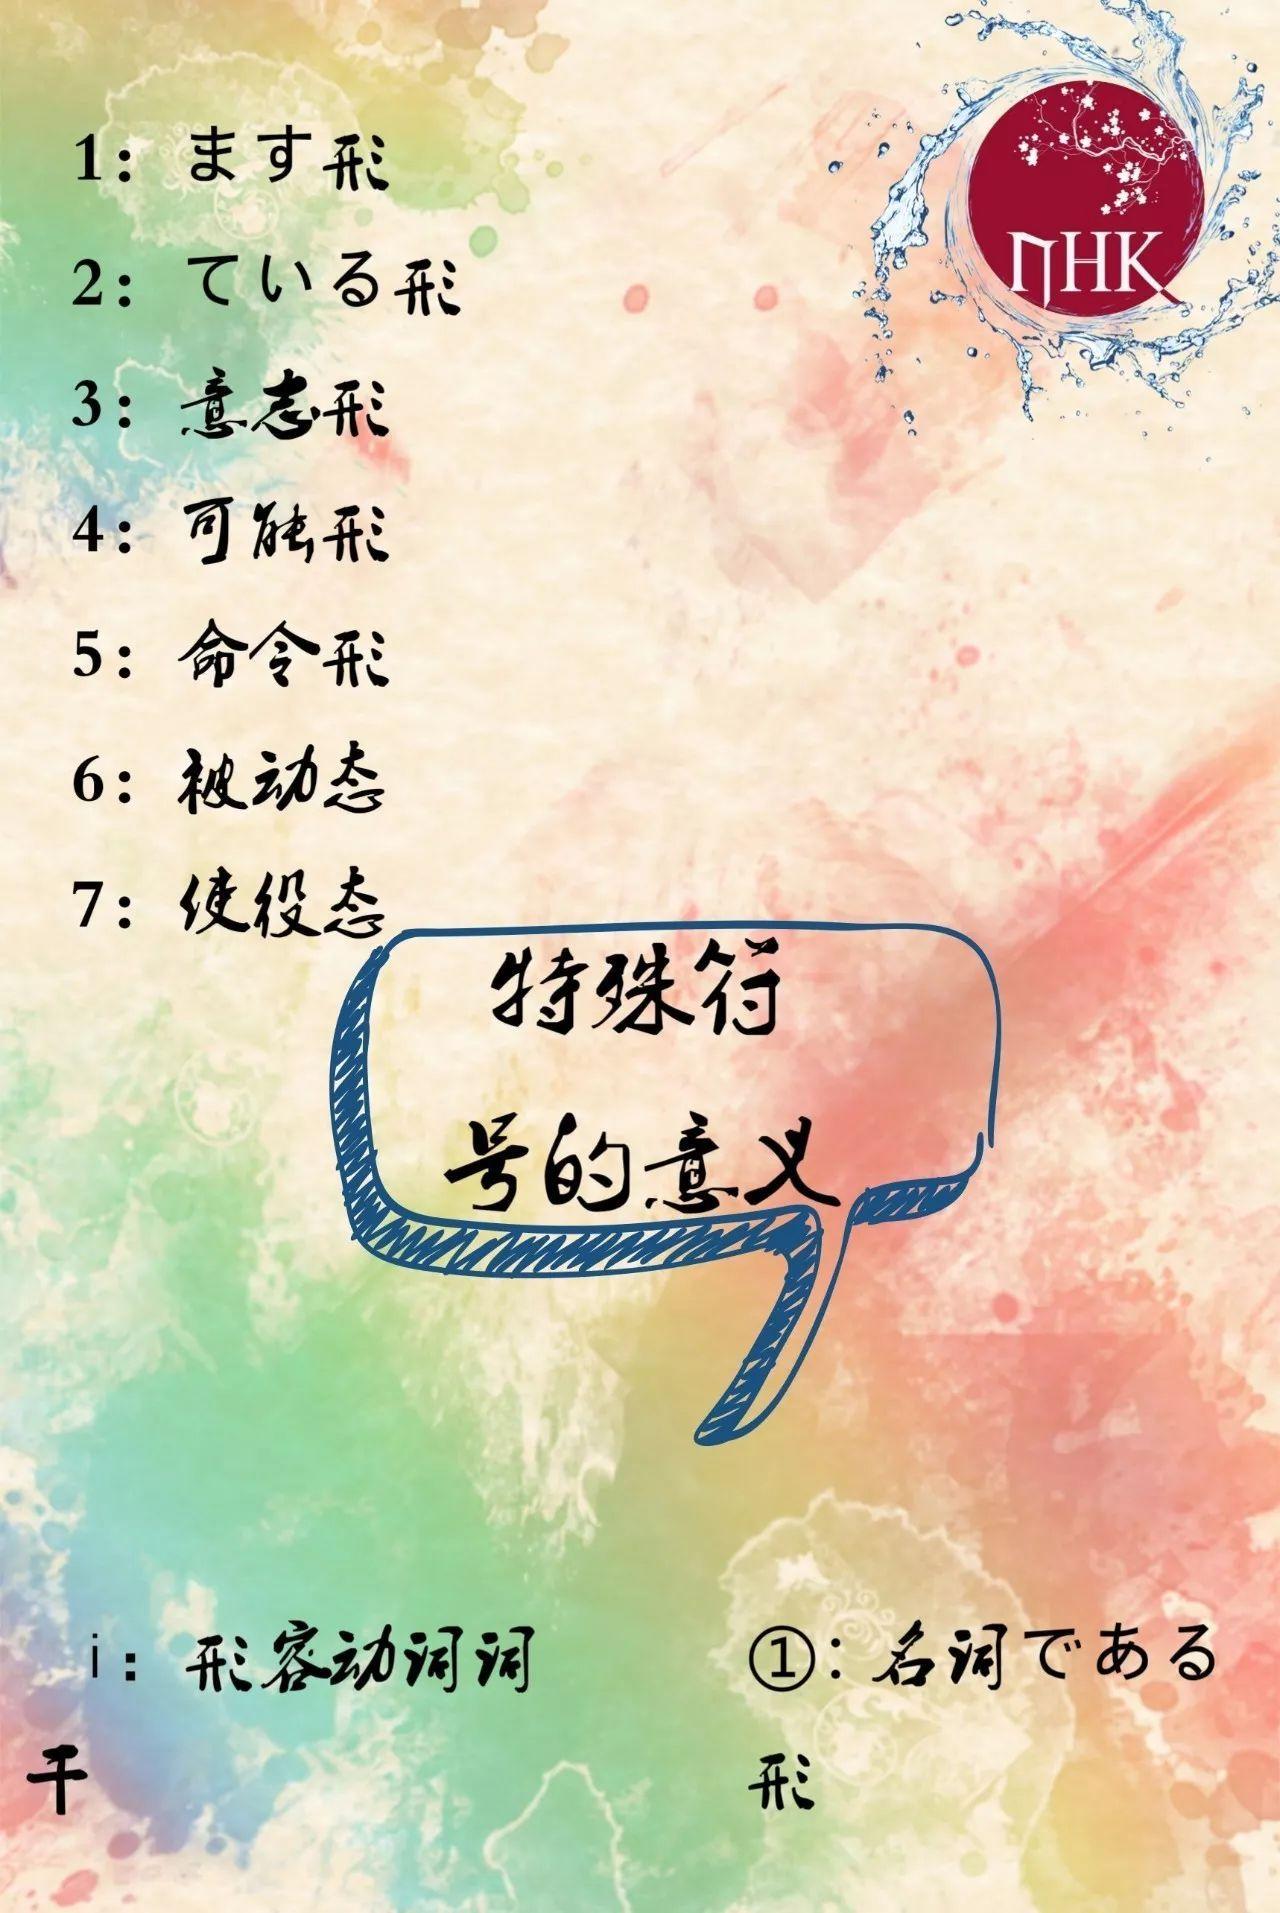 【特典 · 文法】文法卡片倒计时2天 记忆规则揭